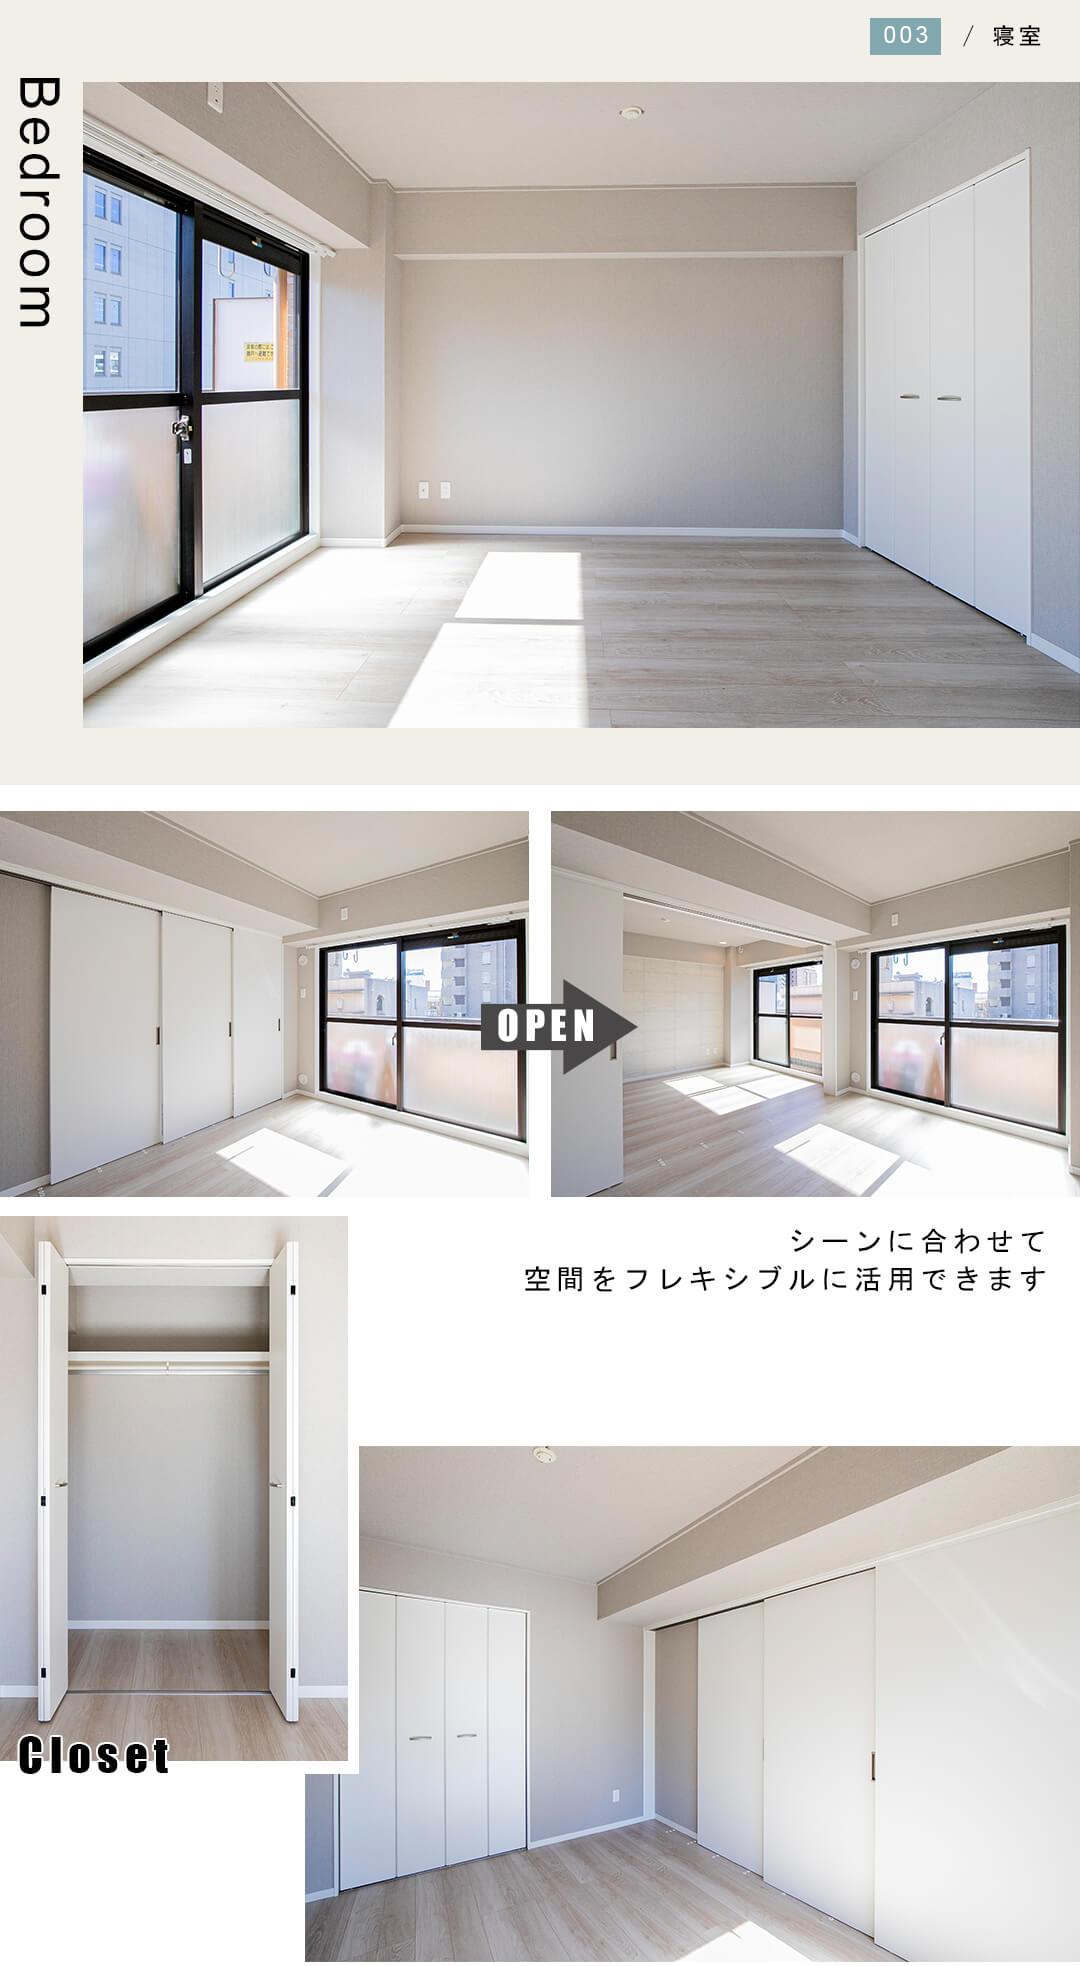 ダイアパレス幡ヶ谷の寝室